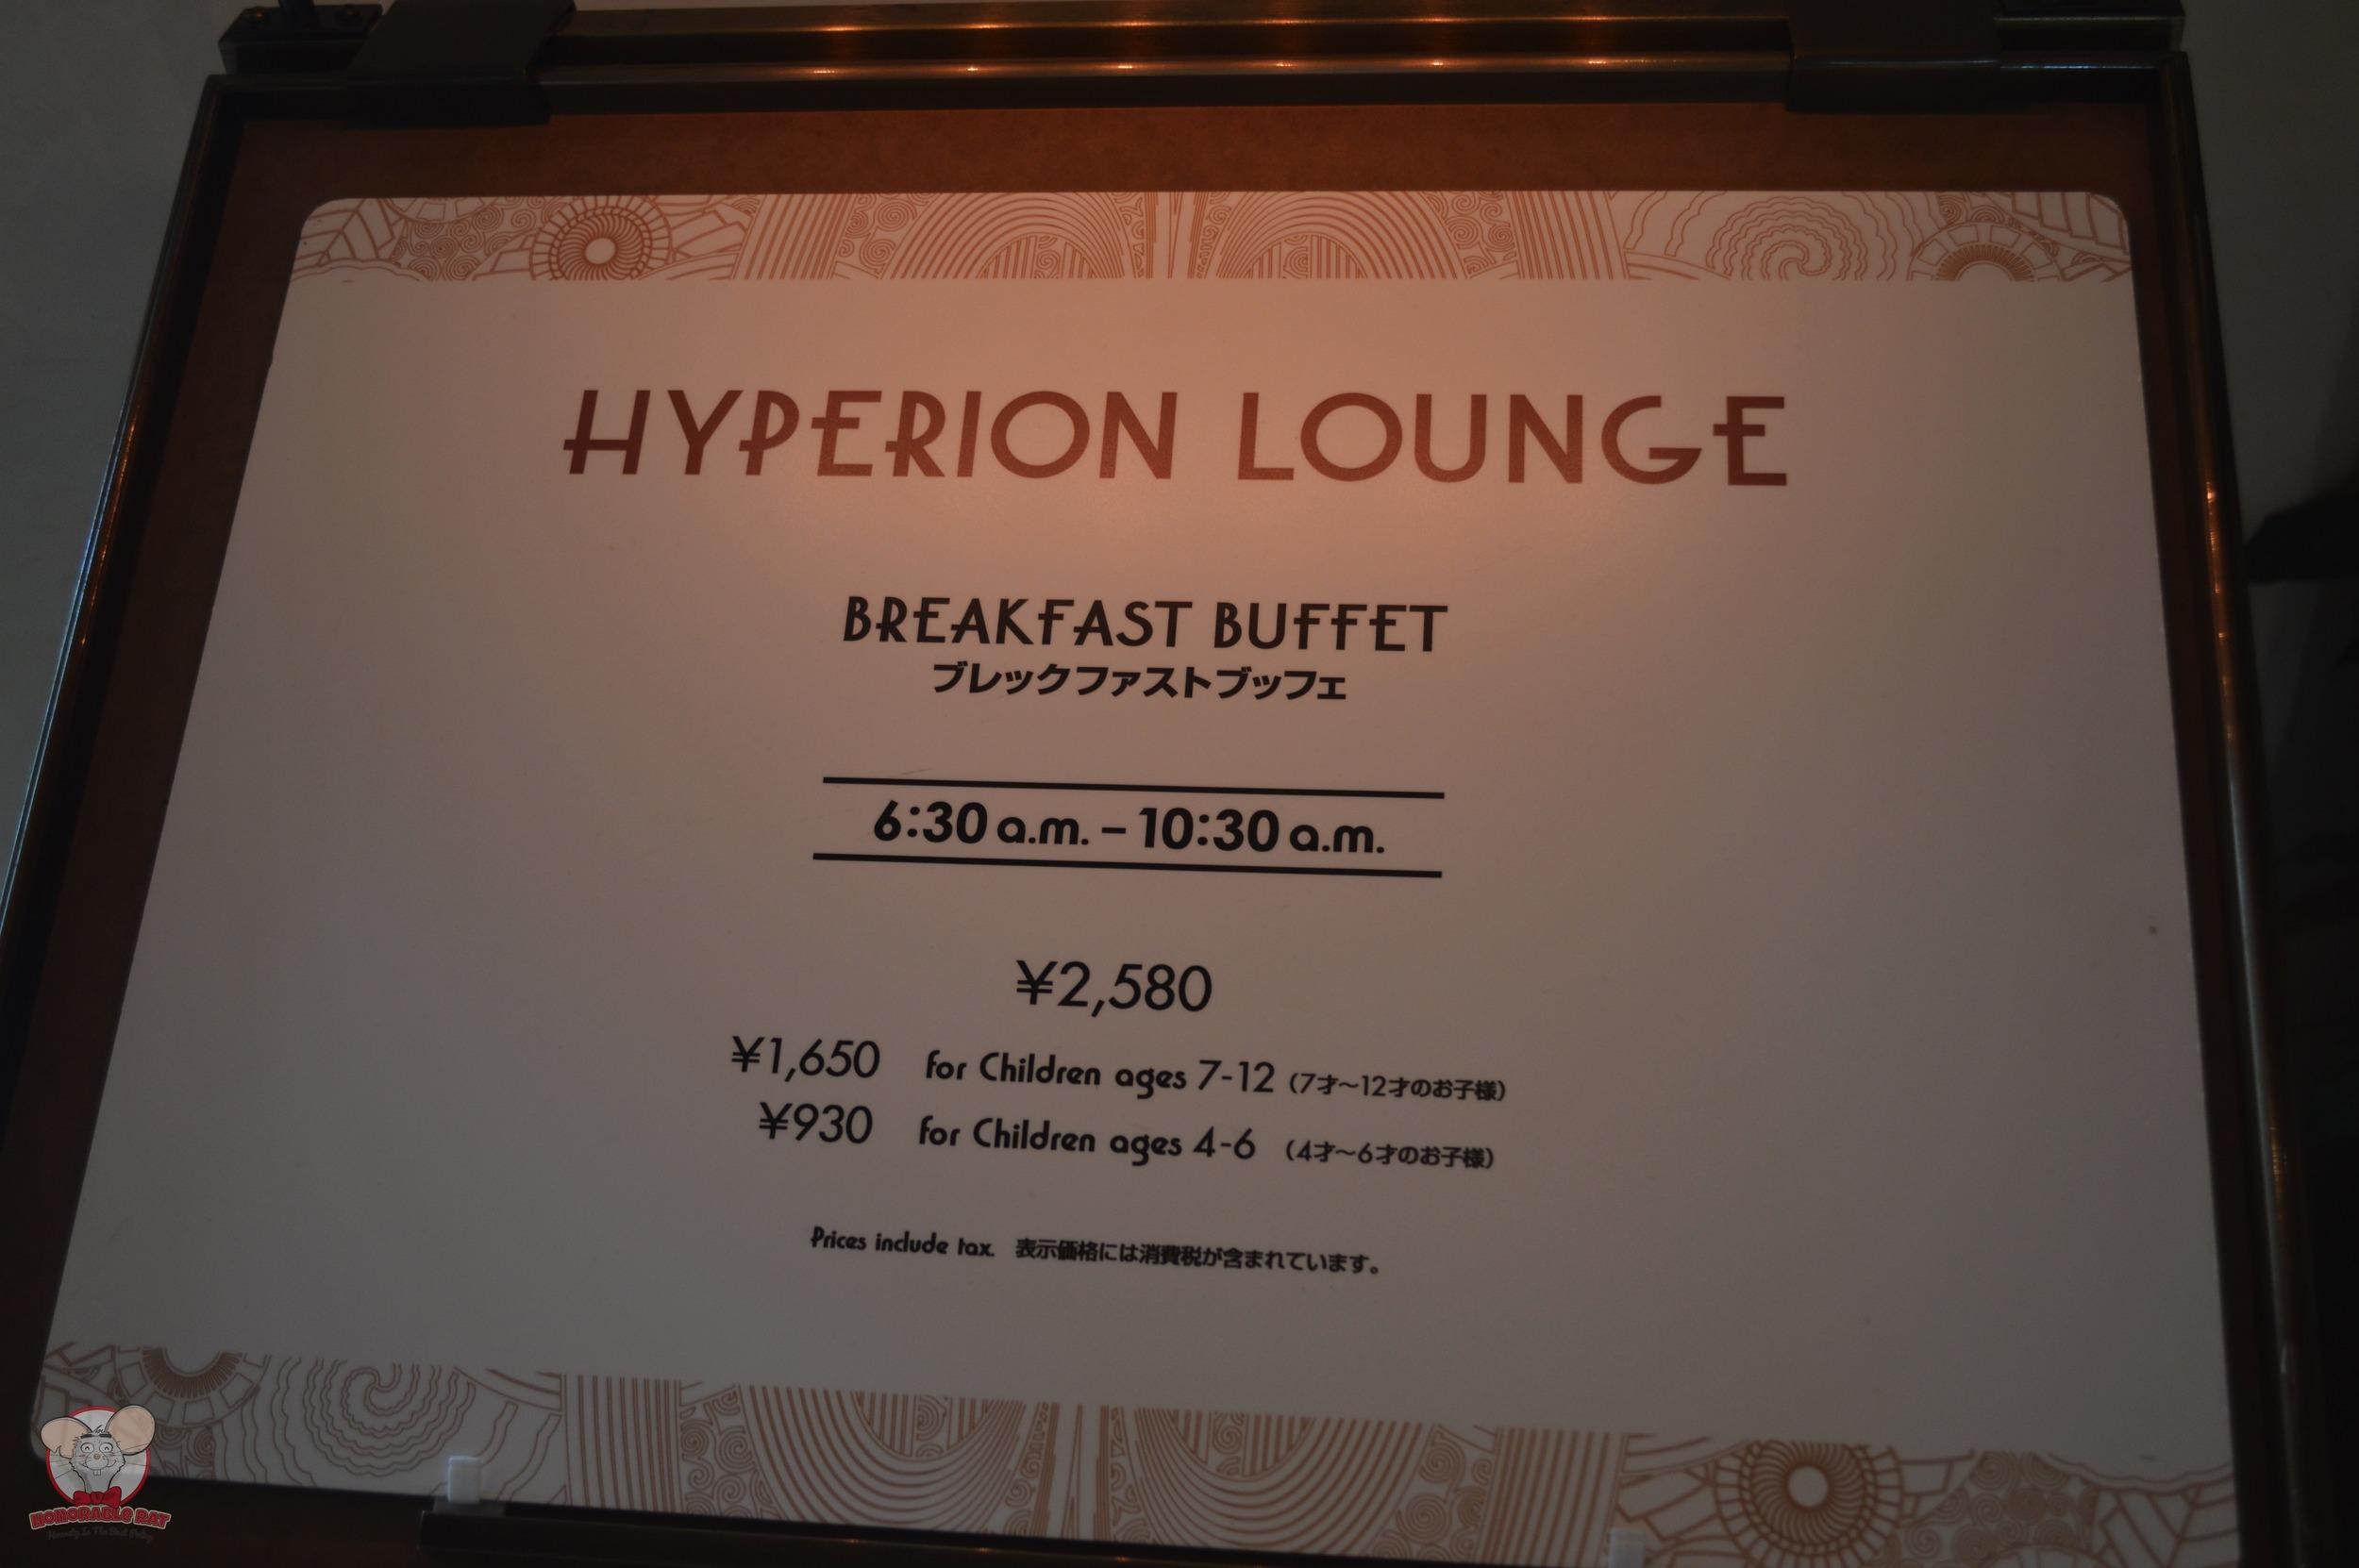 Hyperion Lounge (Breakfast Buffet)